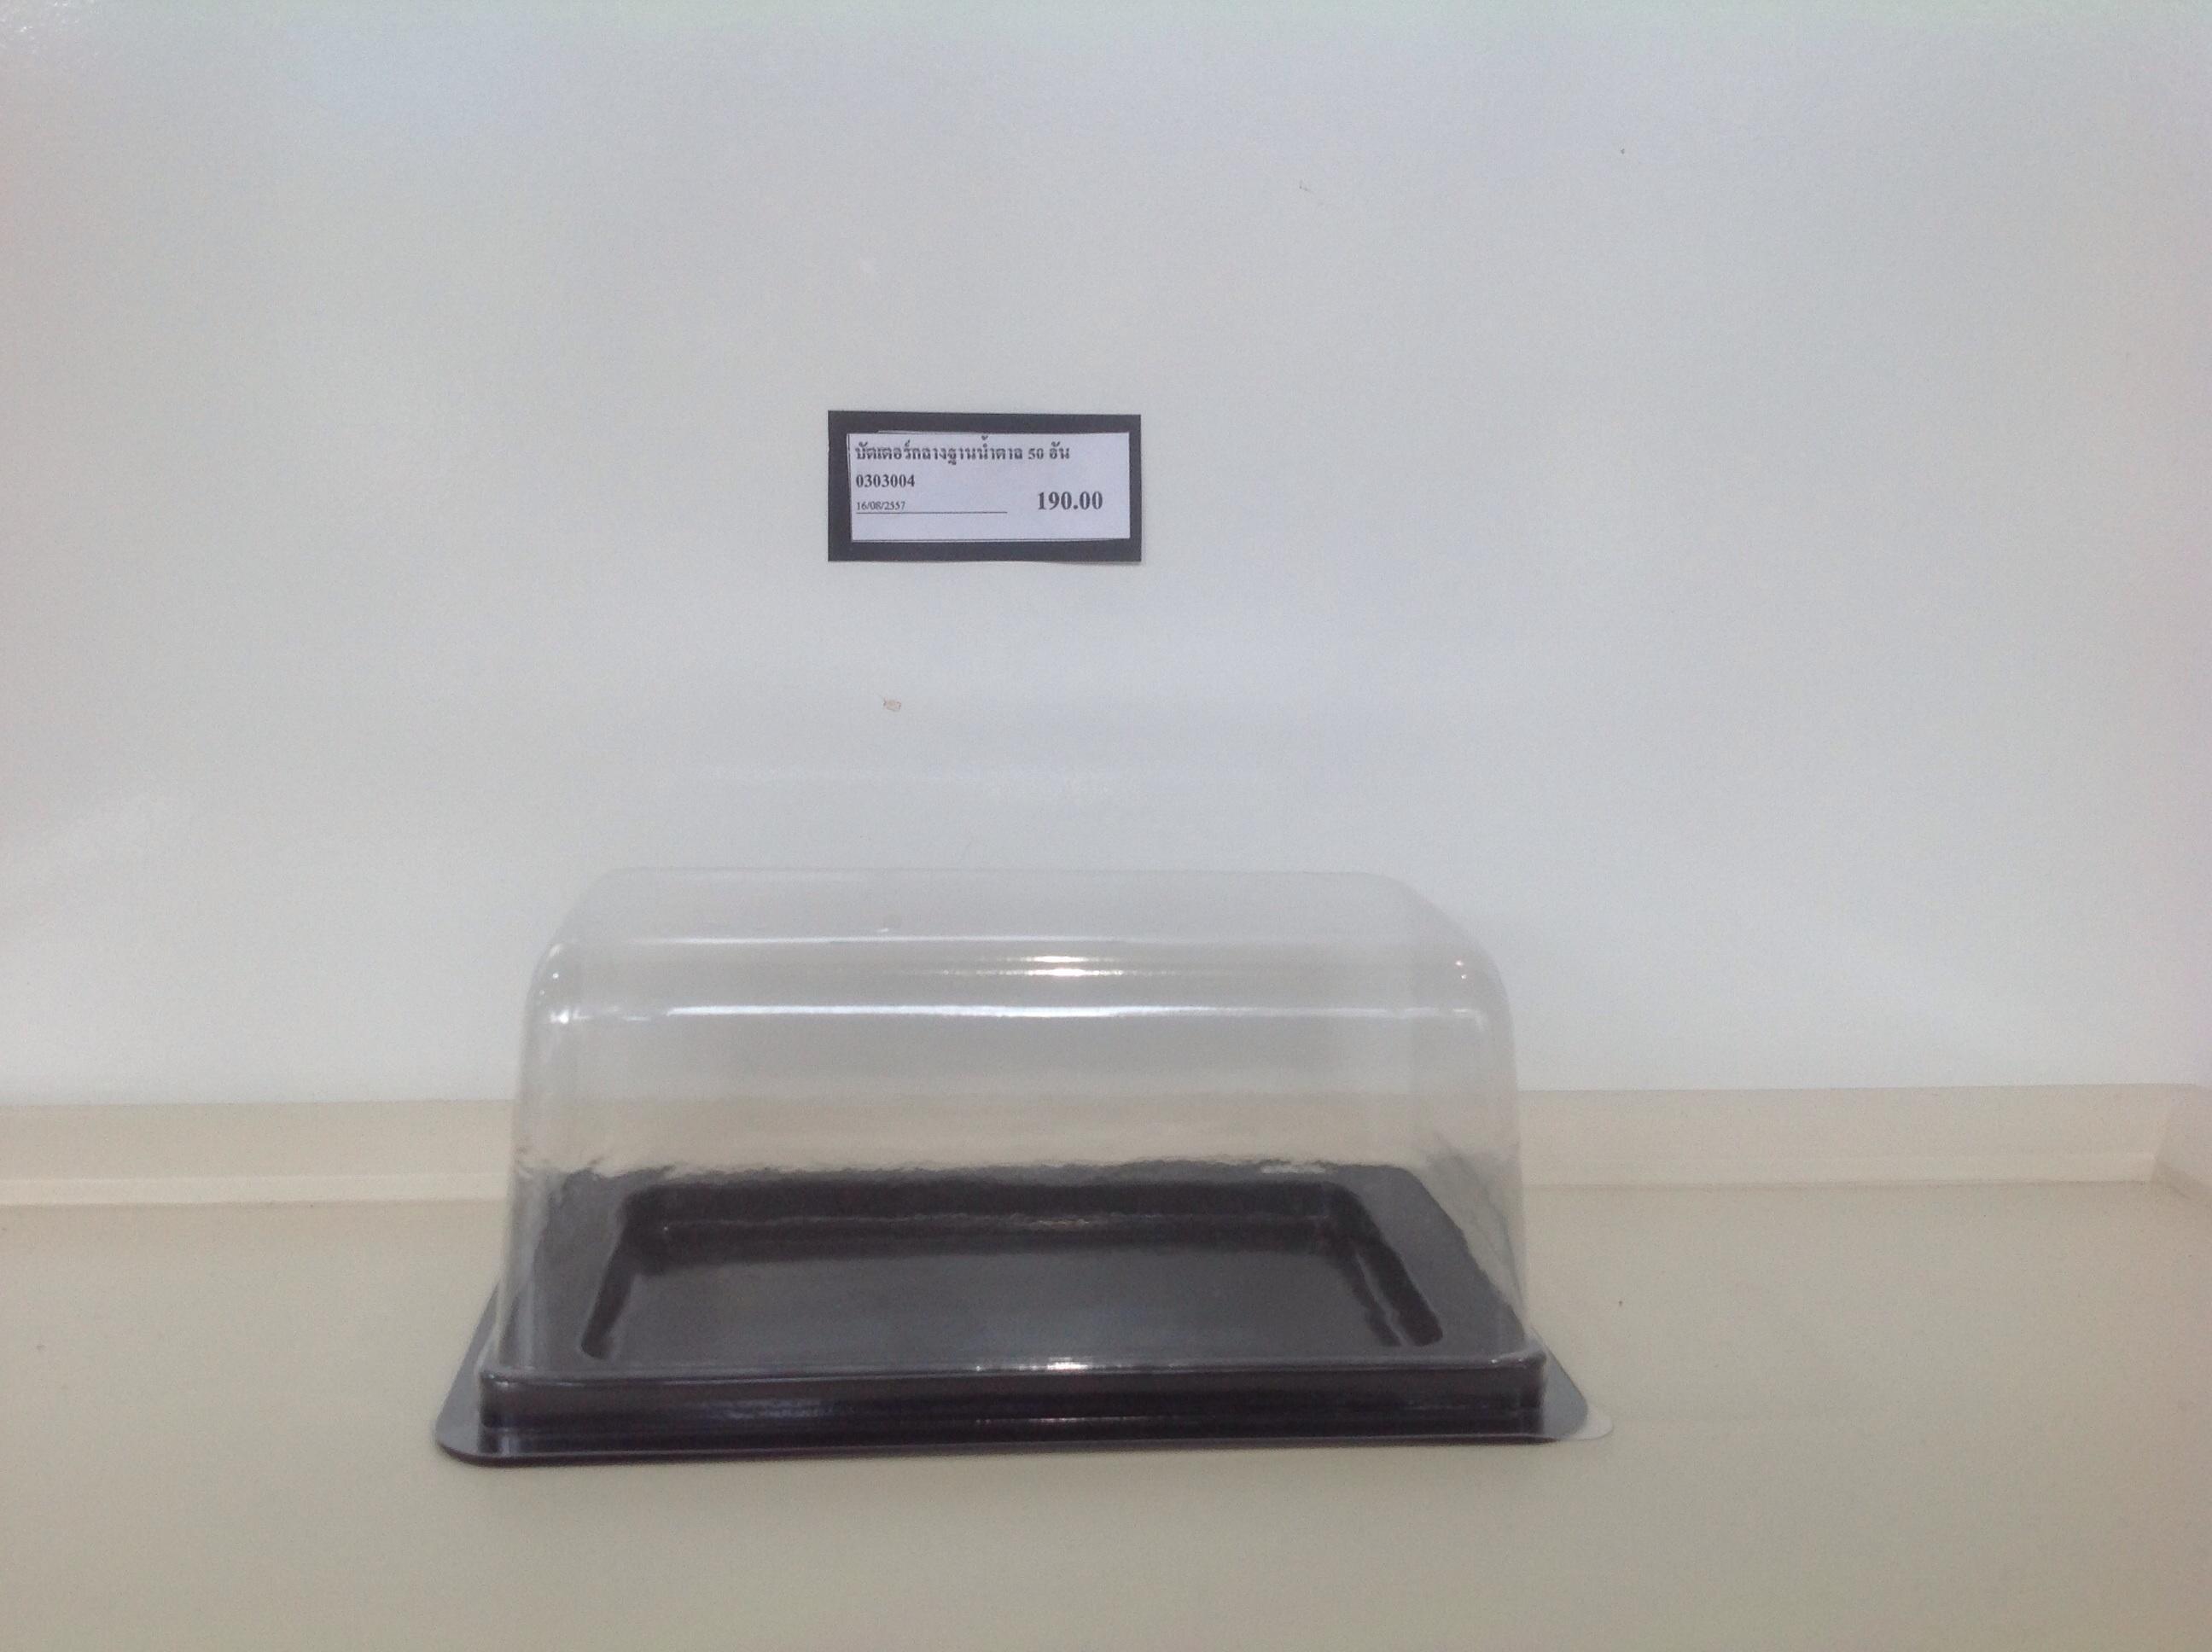 กล่องฐานน้ำตาล PK0004 (1*50)